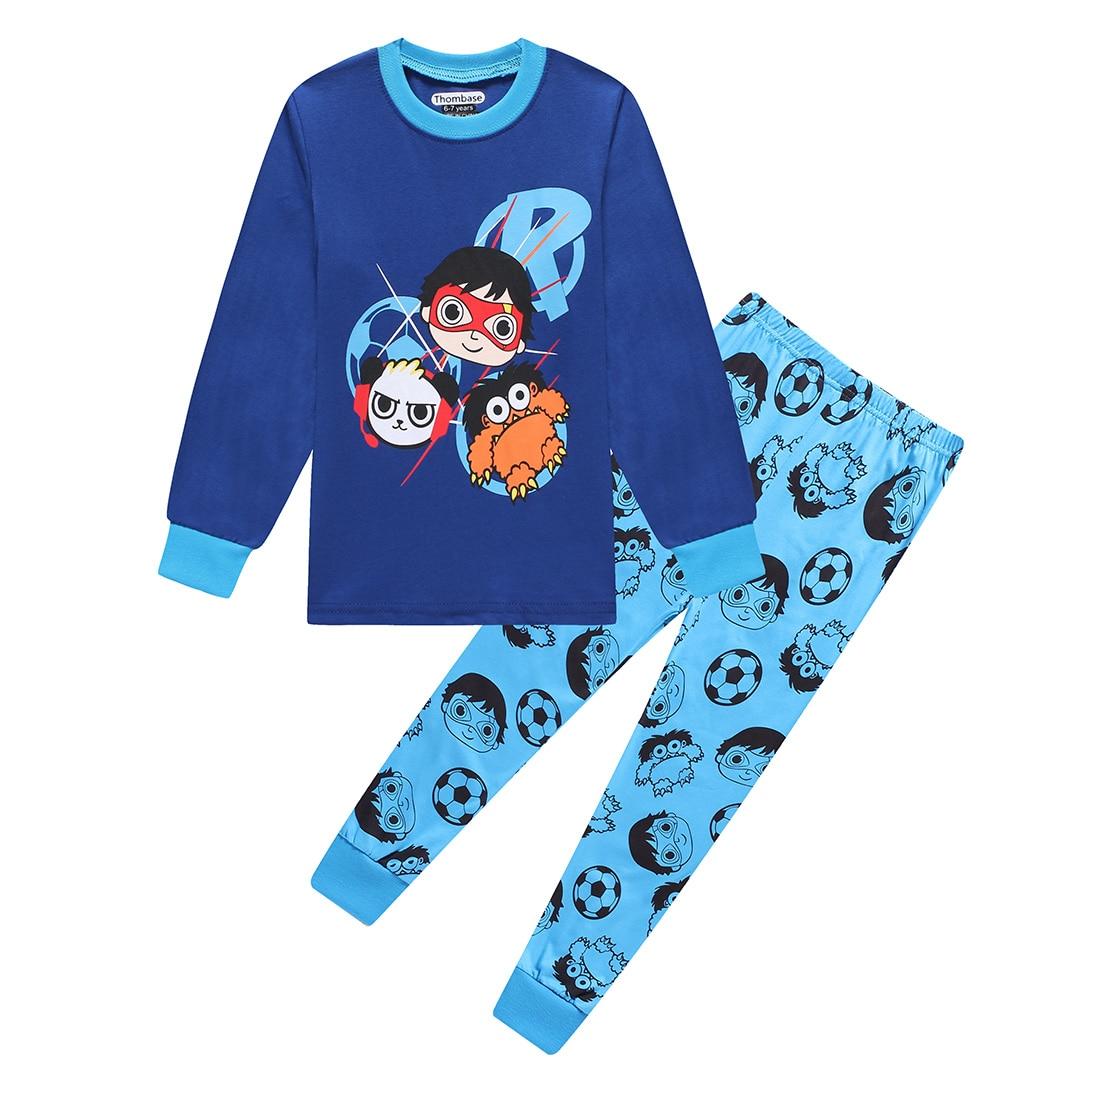 Baby Boy Girl Ryan Toys Review Christmas Pajamas Ryan's World Toddler Boys Xmas Pyjamas Pjs Tops Kids Children Sleepwear Pijamas